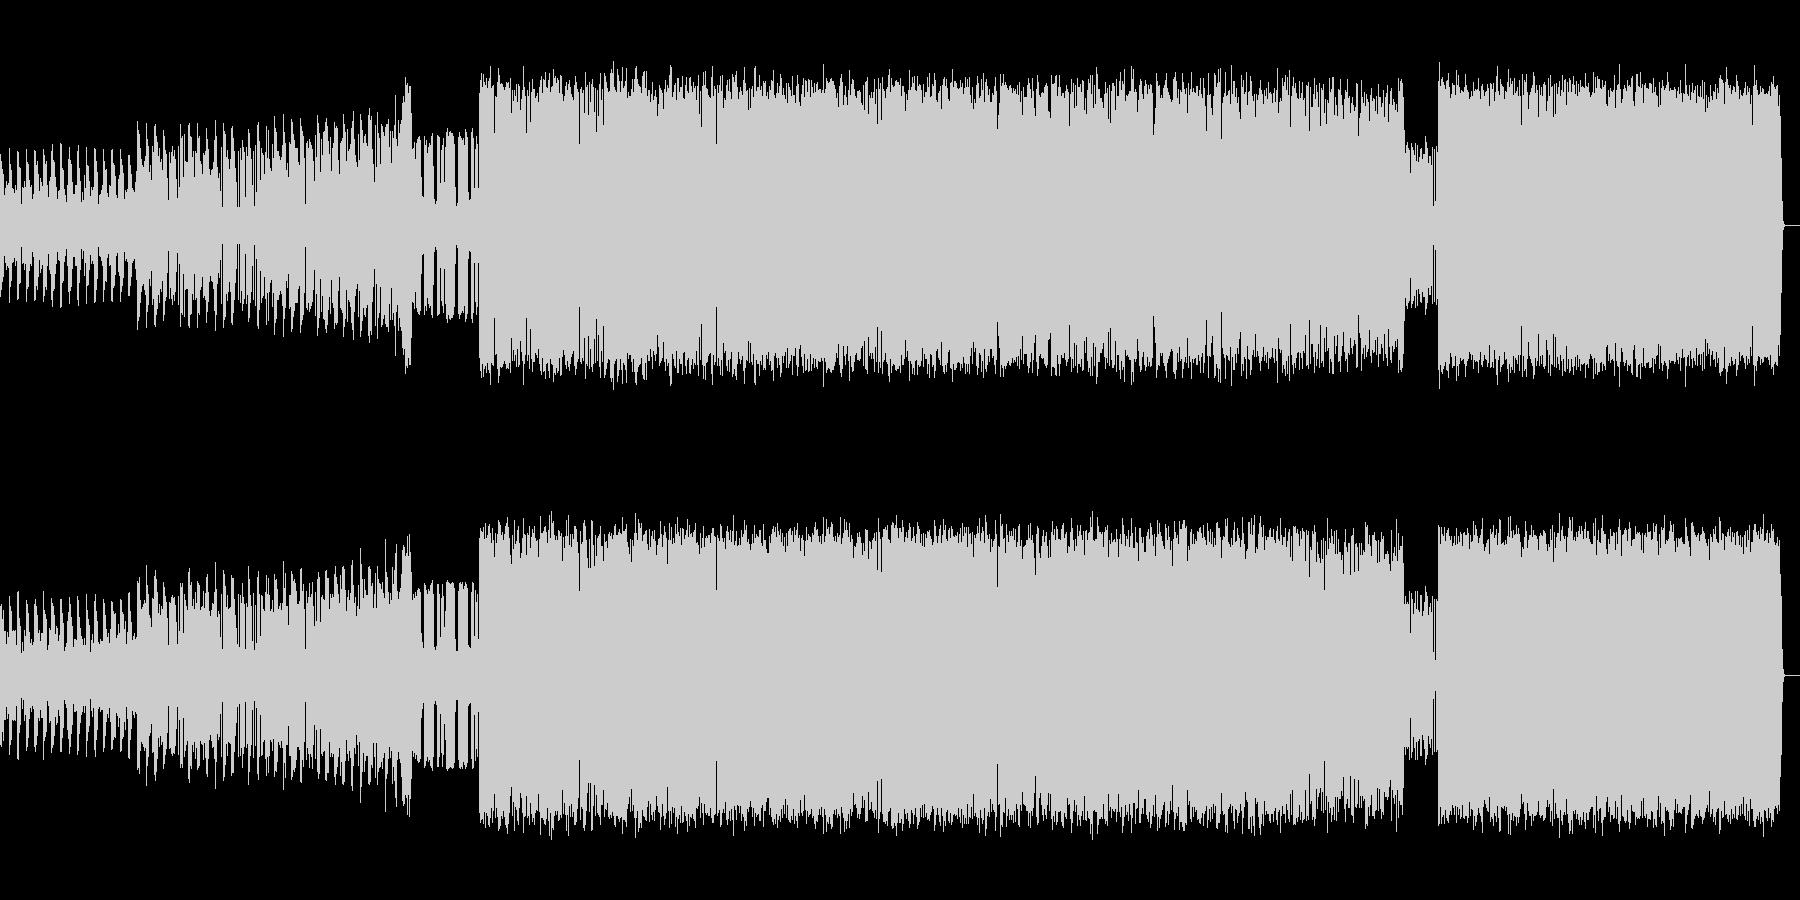 ベース音のきいた挑戦的なポップスの未再生の波形